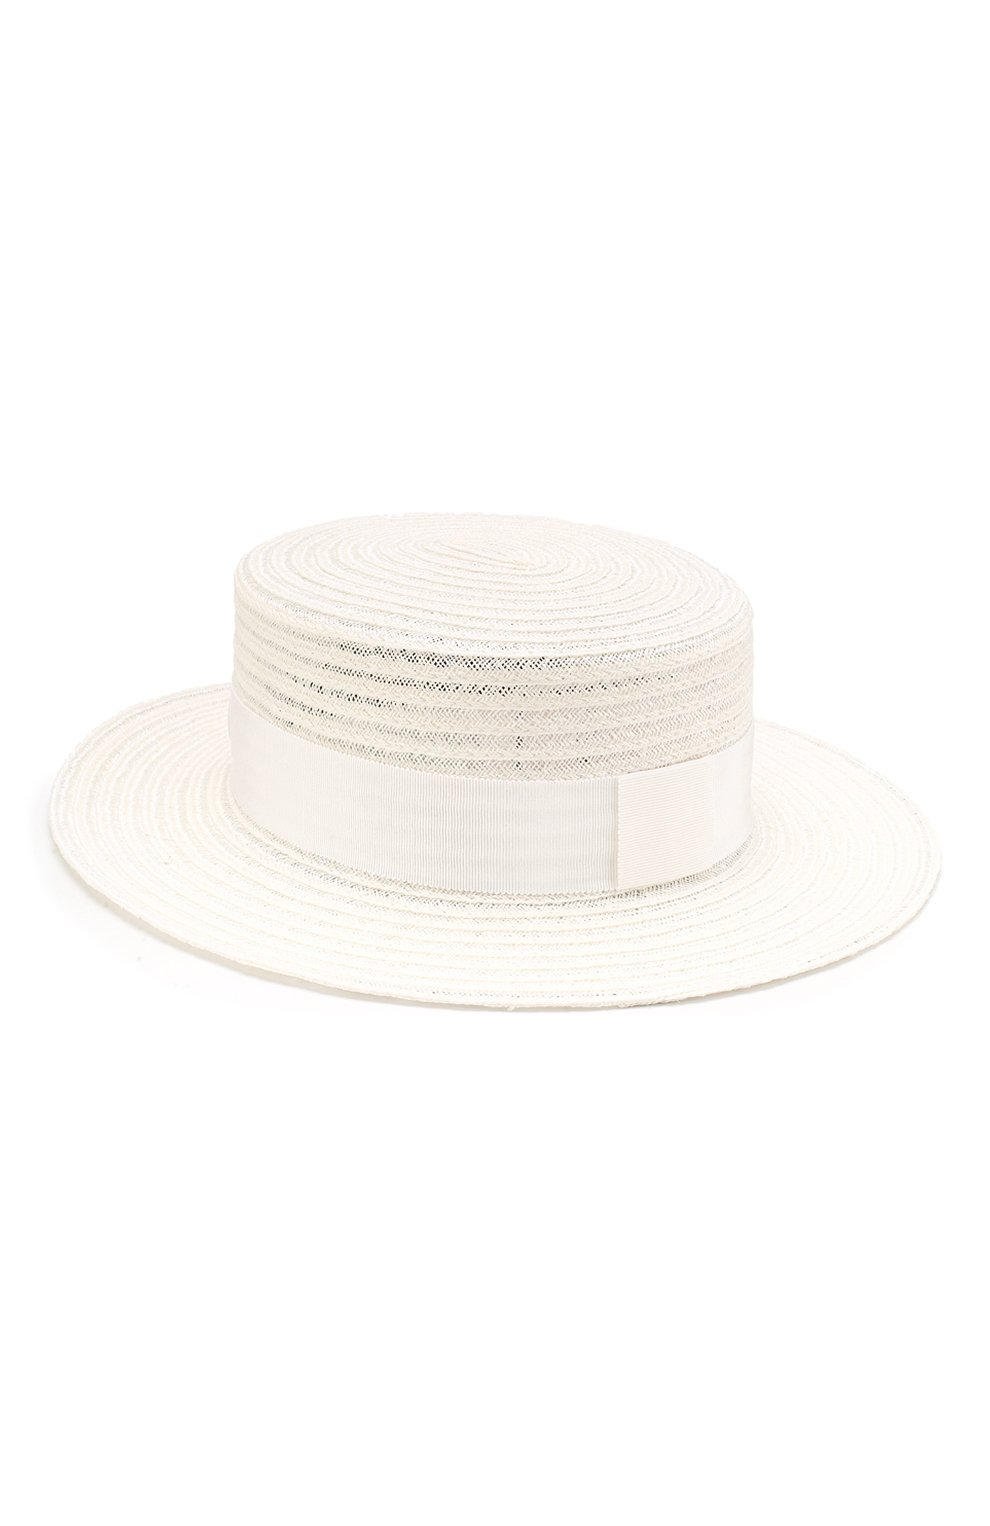 Соломенная шляпа Kiki Maison Michel белого цвета   Фото №2